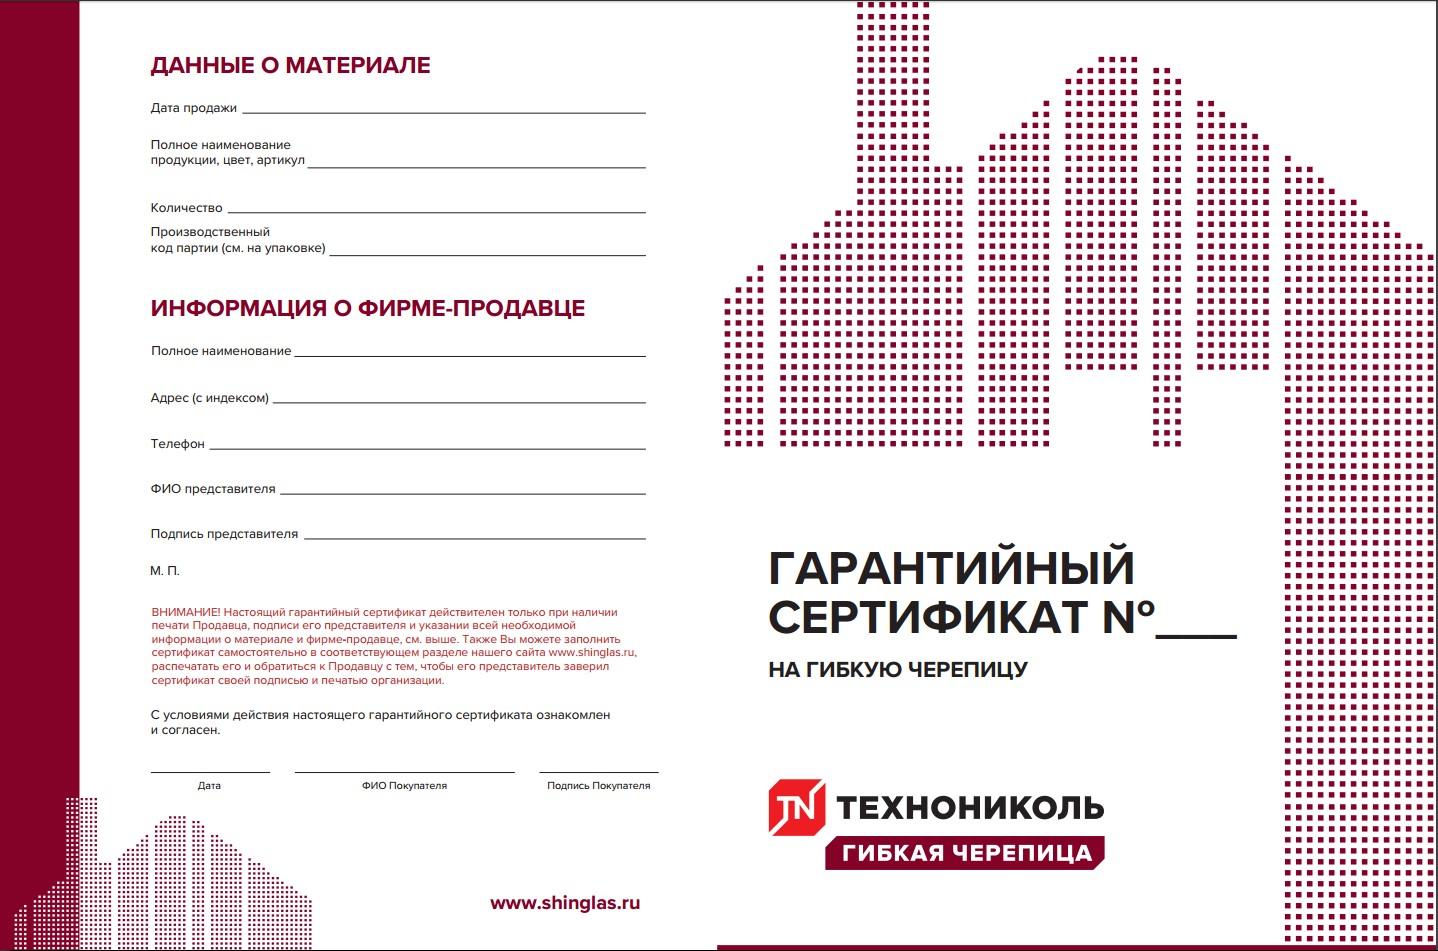 гарантийный сертификат SHINGLAS